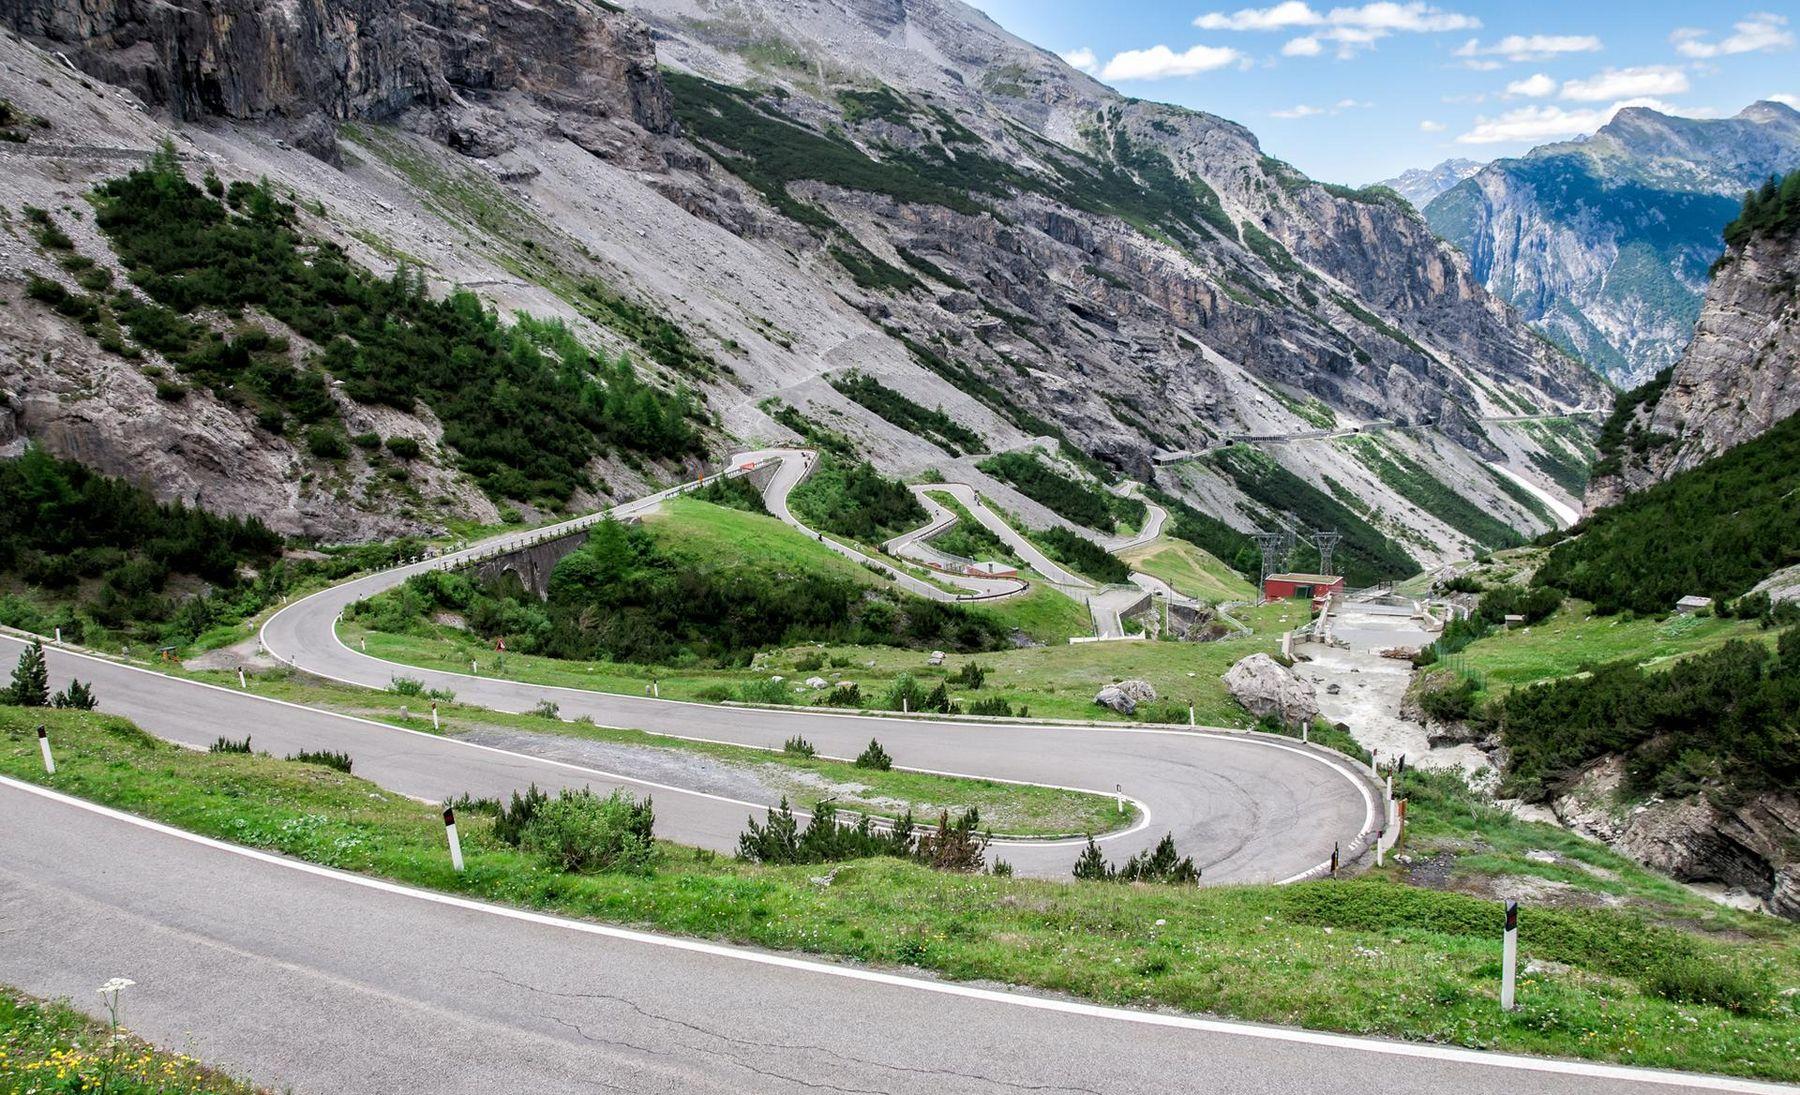 Stilfser Joch Italien Alpen iStock 182276503